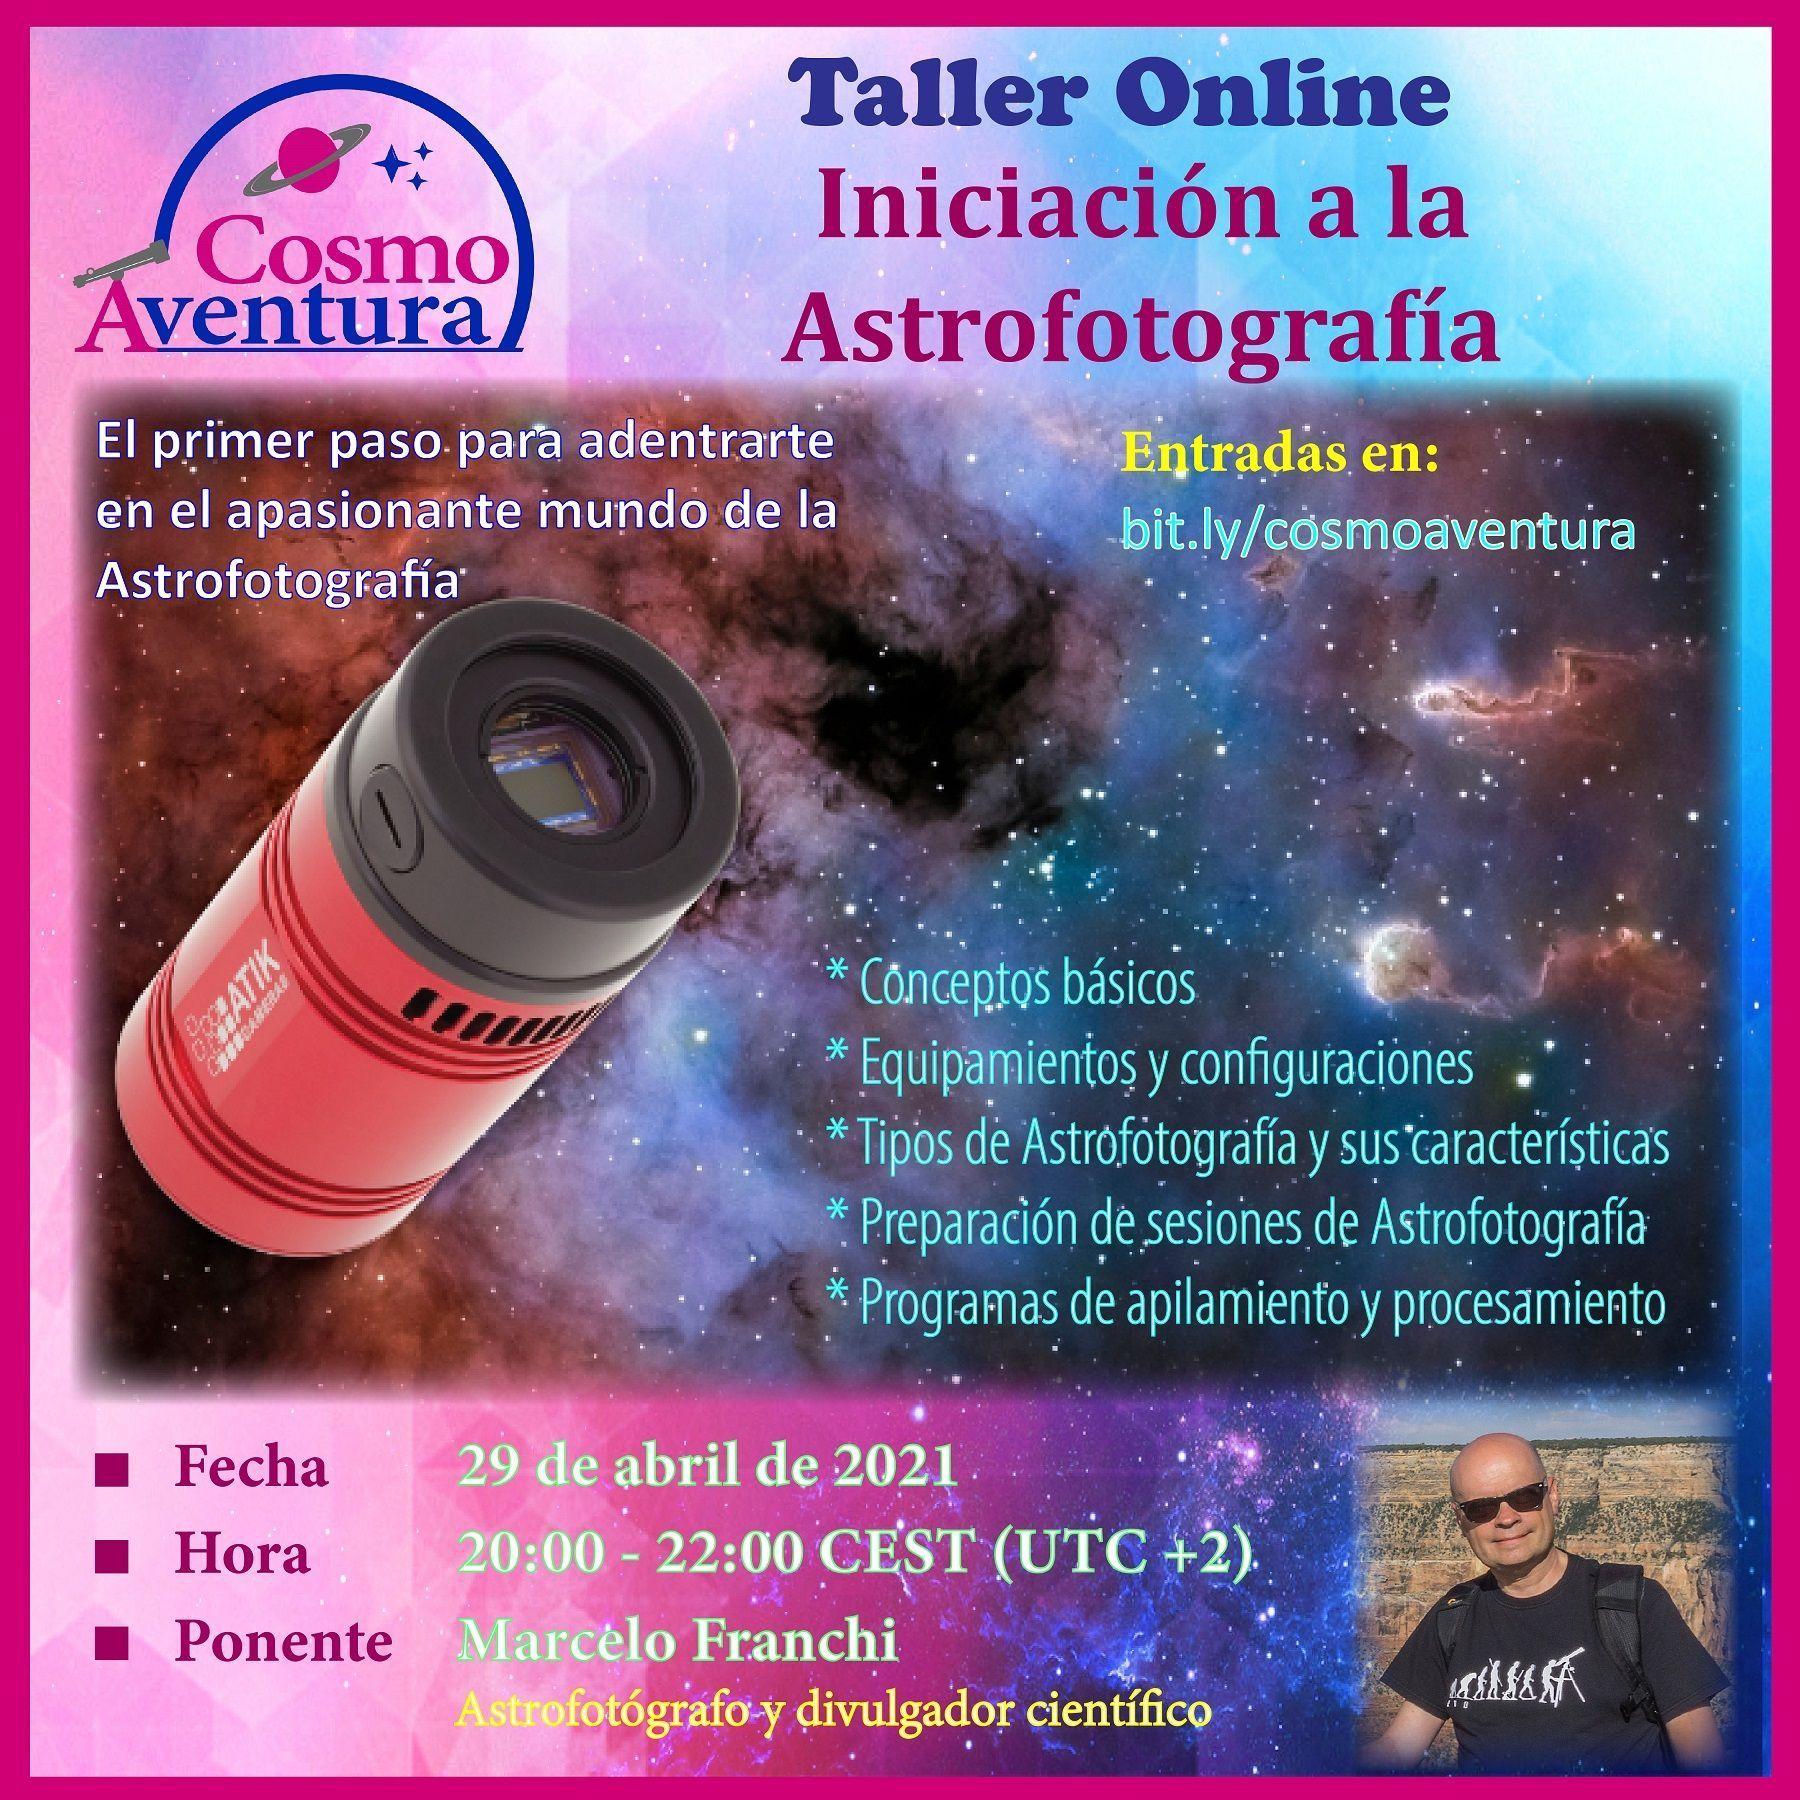 29-04-2021 – Taller Online: Iniciación a la Astrofotografía